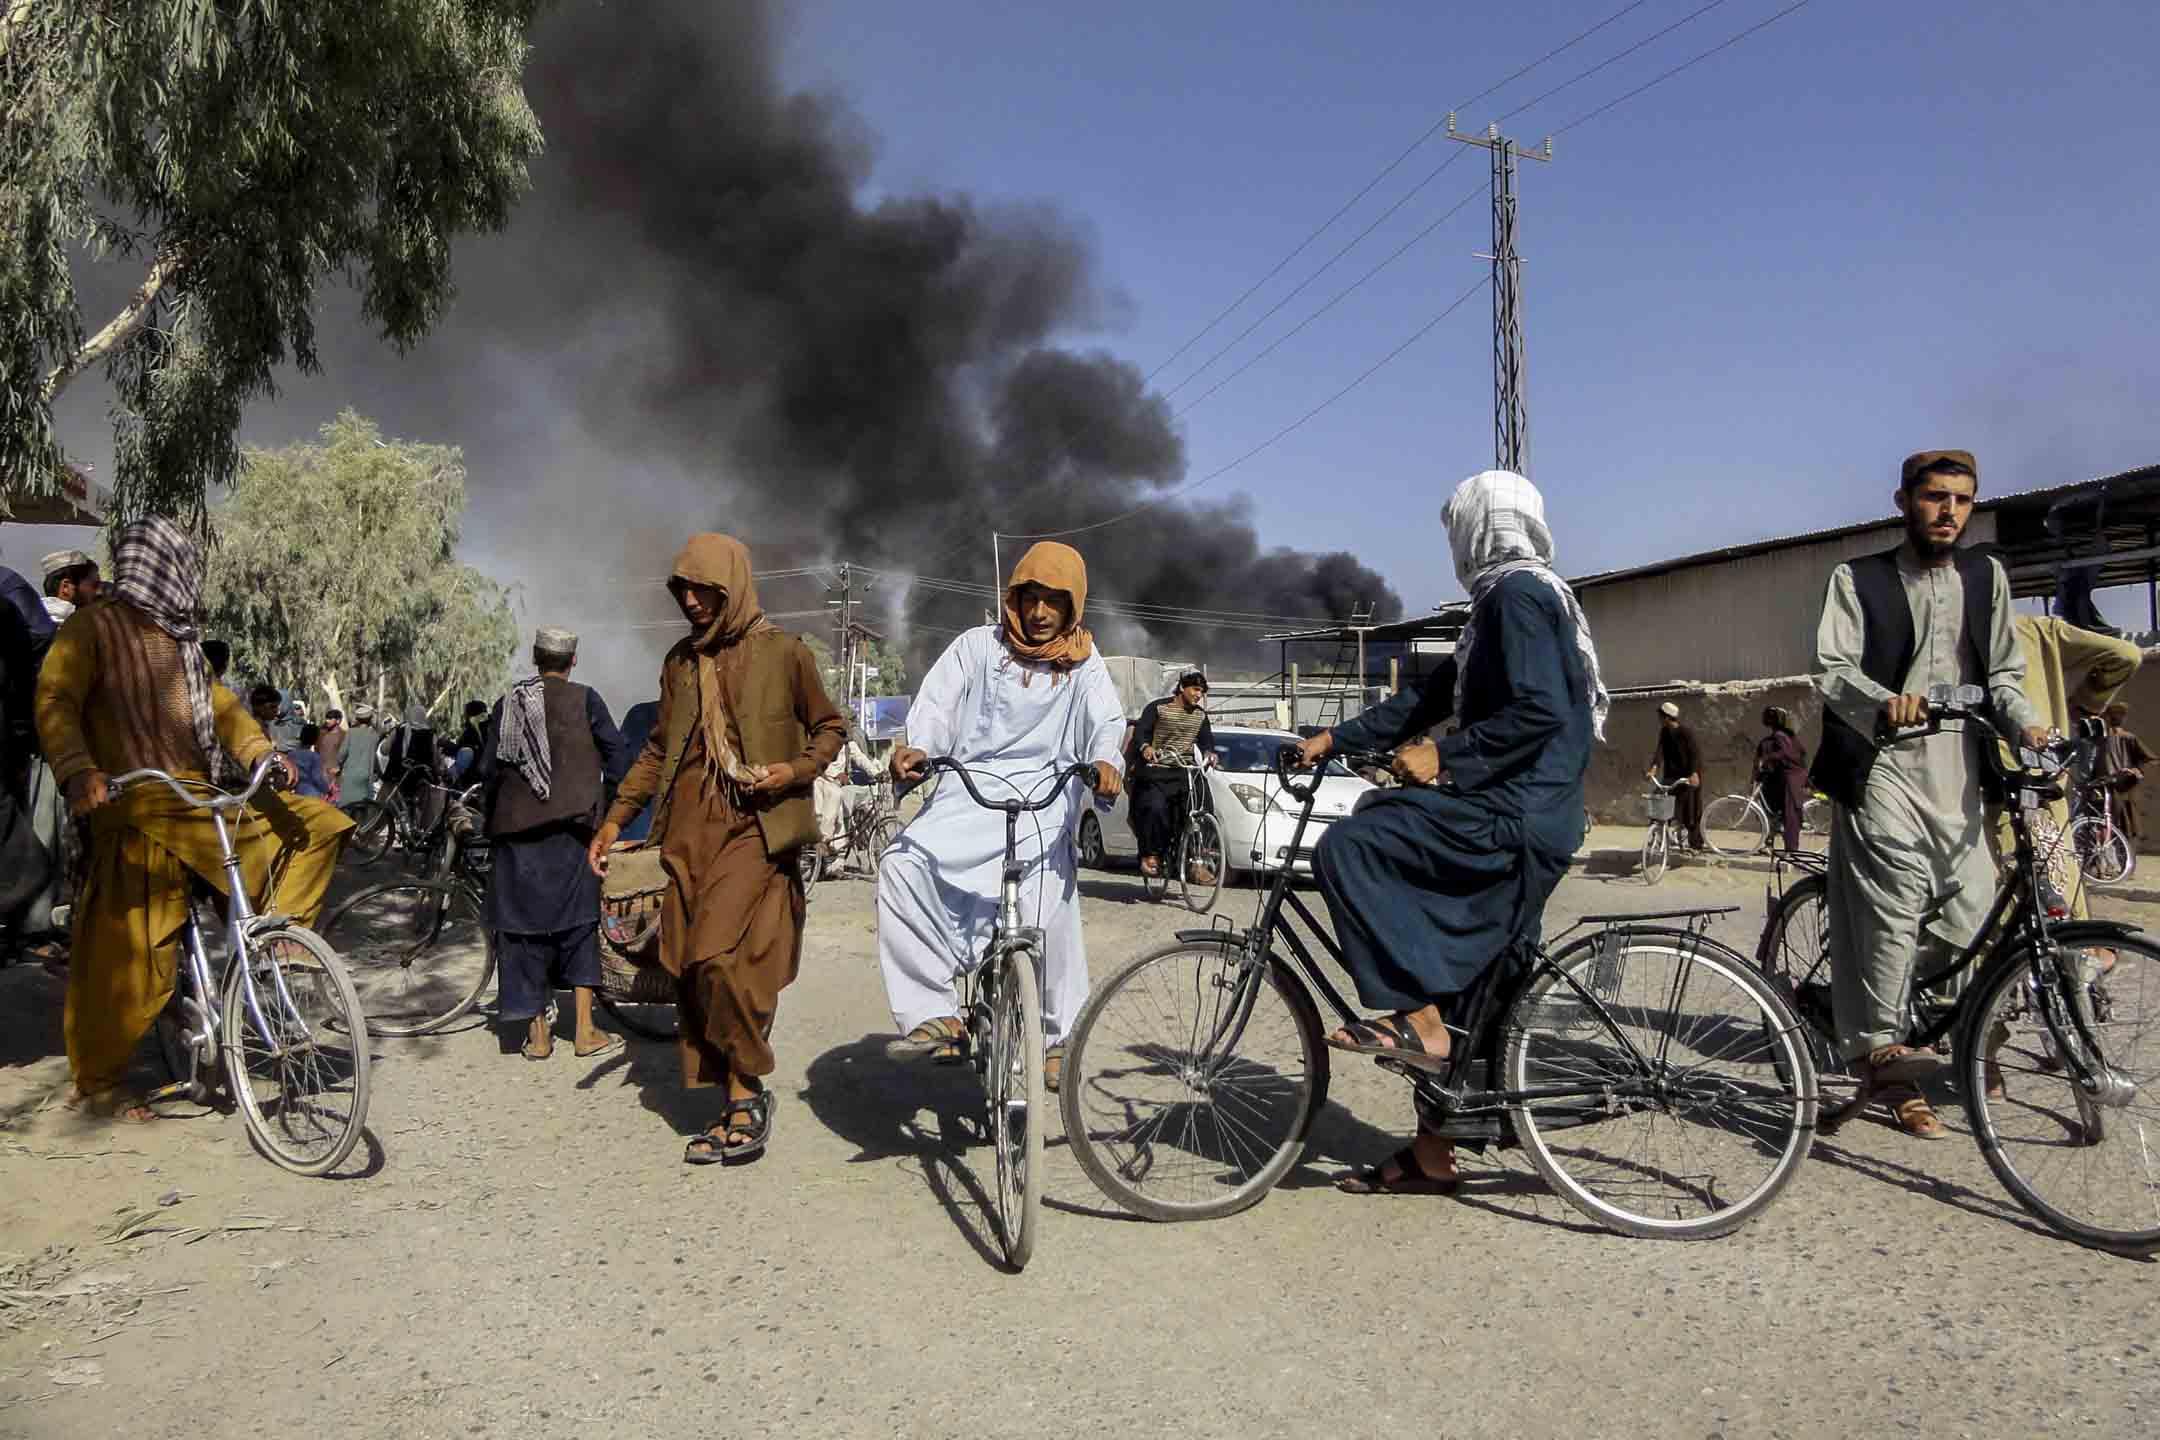 2021年8 月12日,阿富汗喀布爾西南部的坎大哈,戰鬥後煙霧升起。